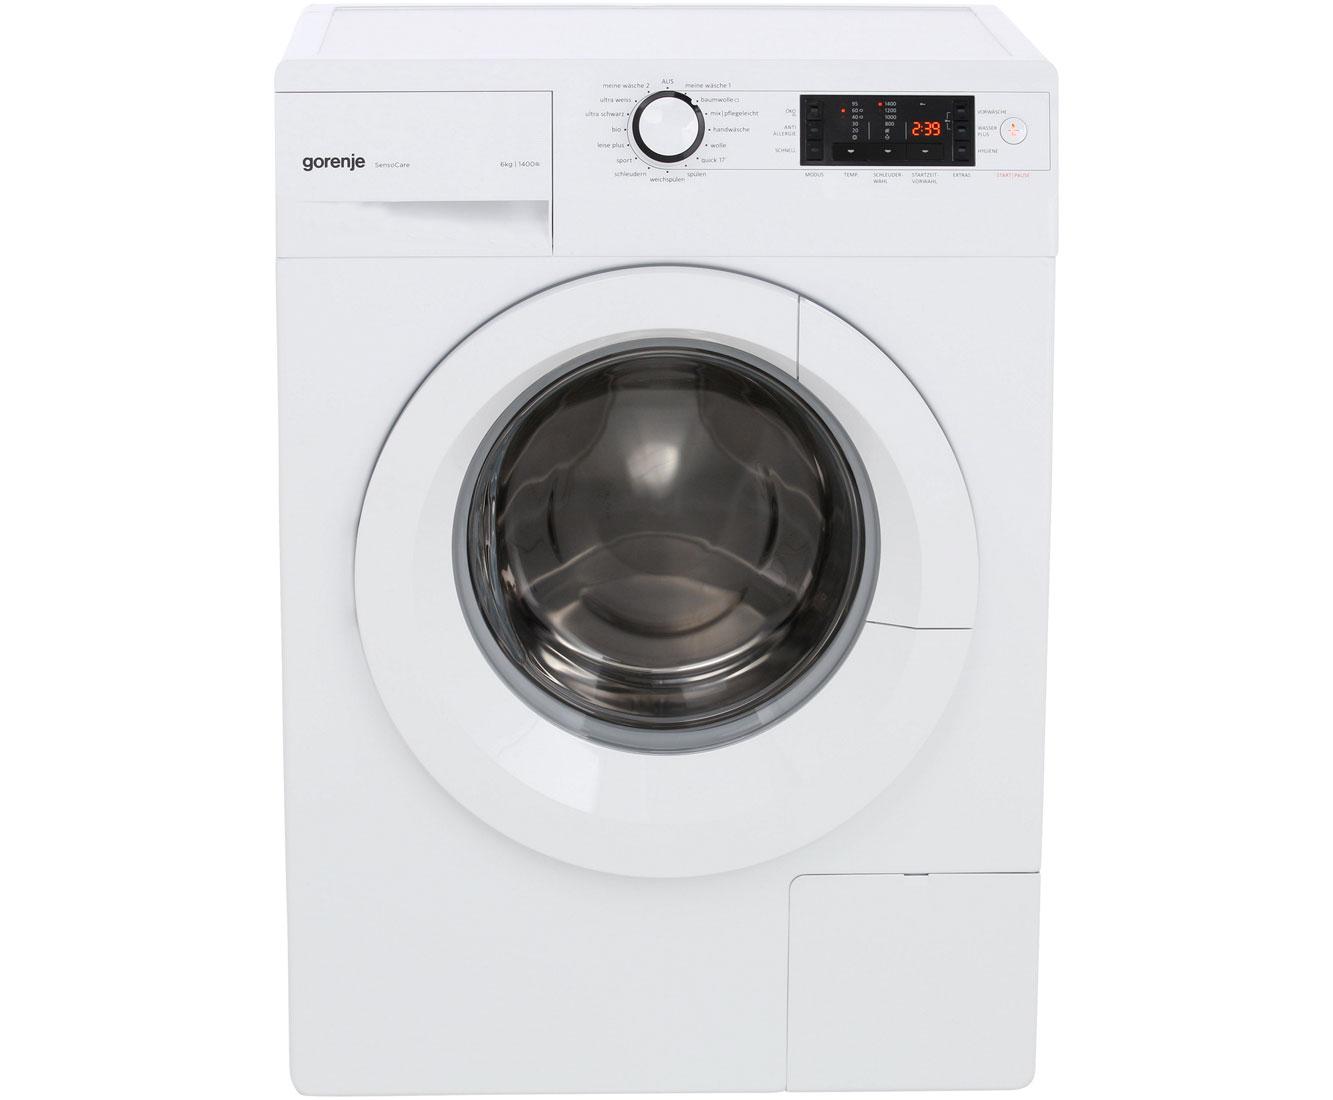 gorenje w 6543s waschmaschine freistehend weiss neu ebay. Black Bedroom Furniture Sets. Home Design Ideas